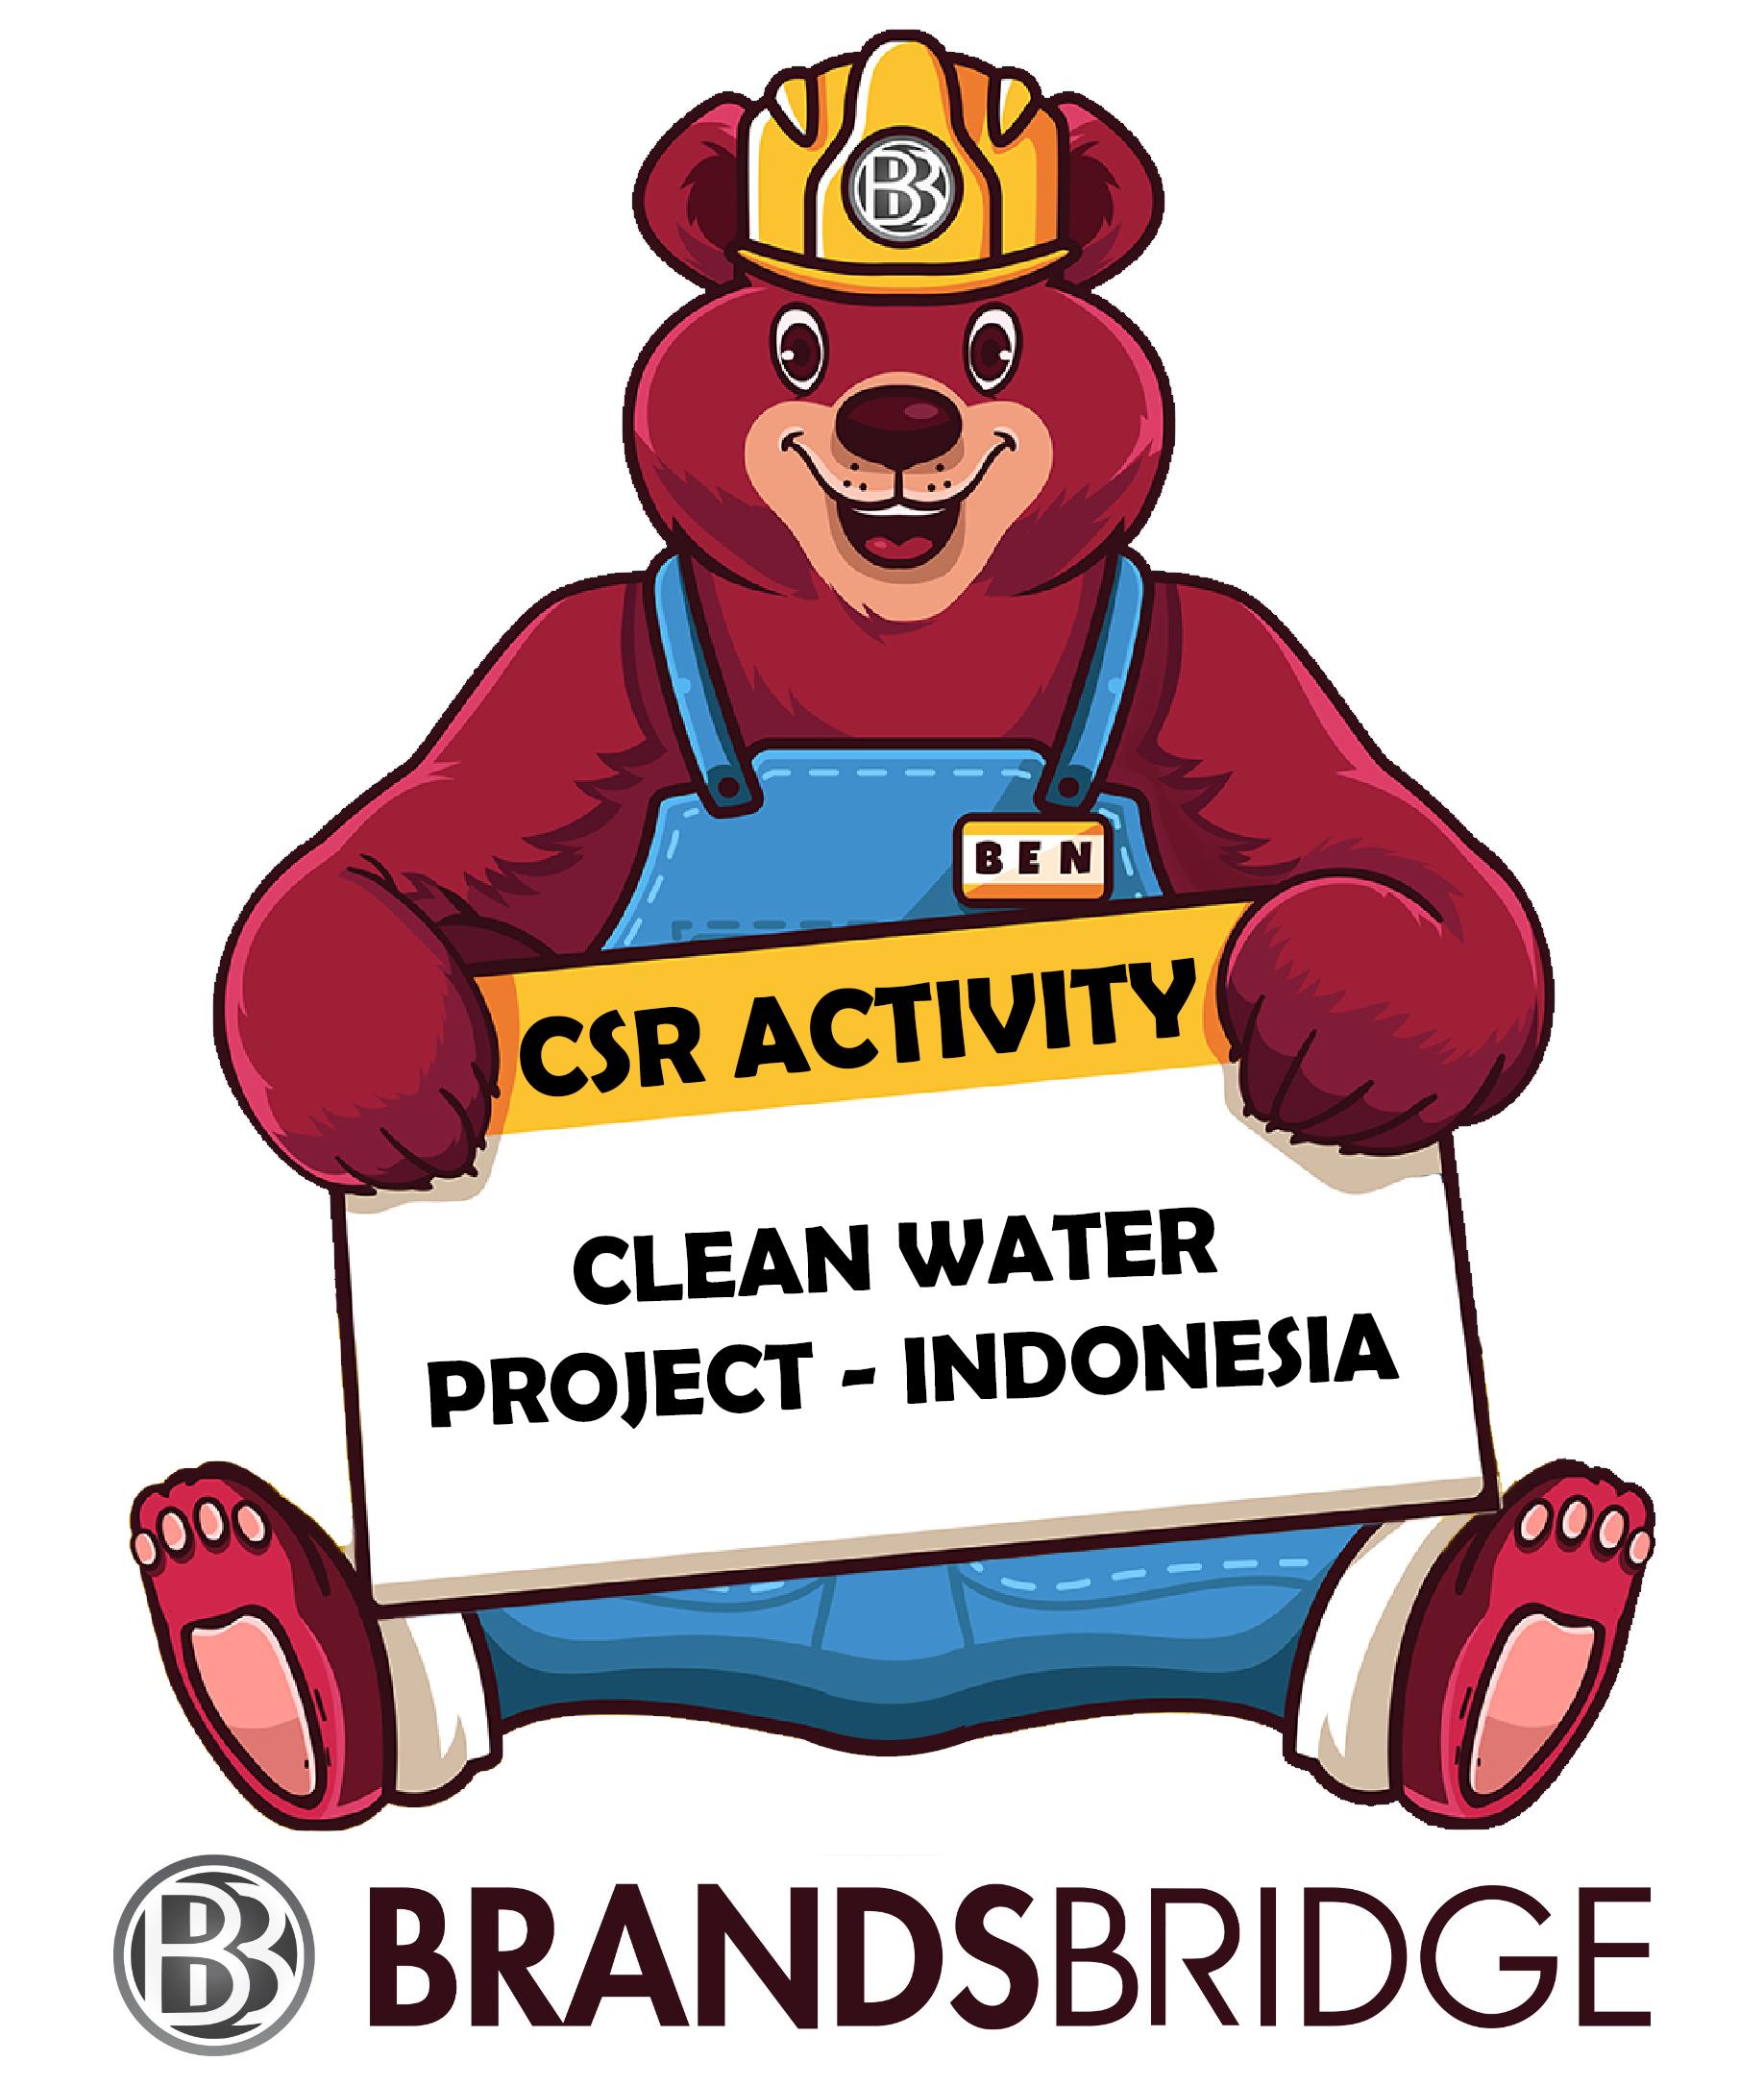 Ben CSR Activities